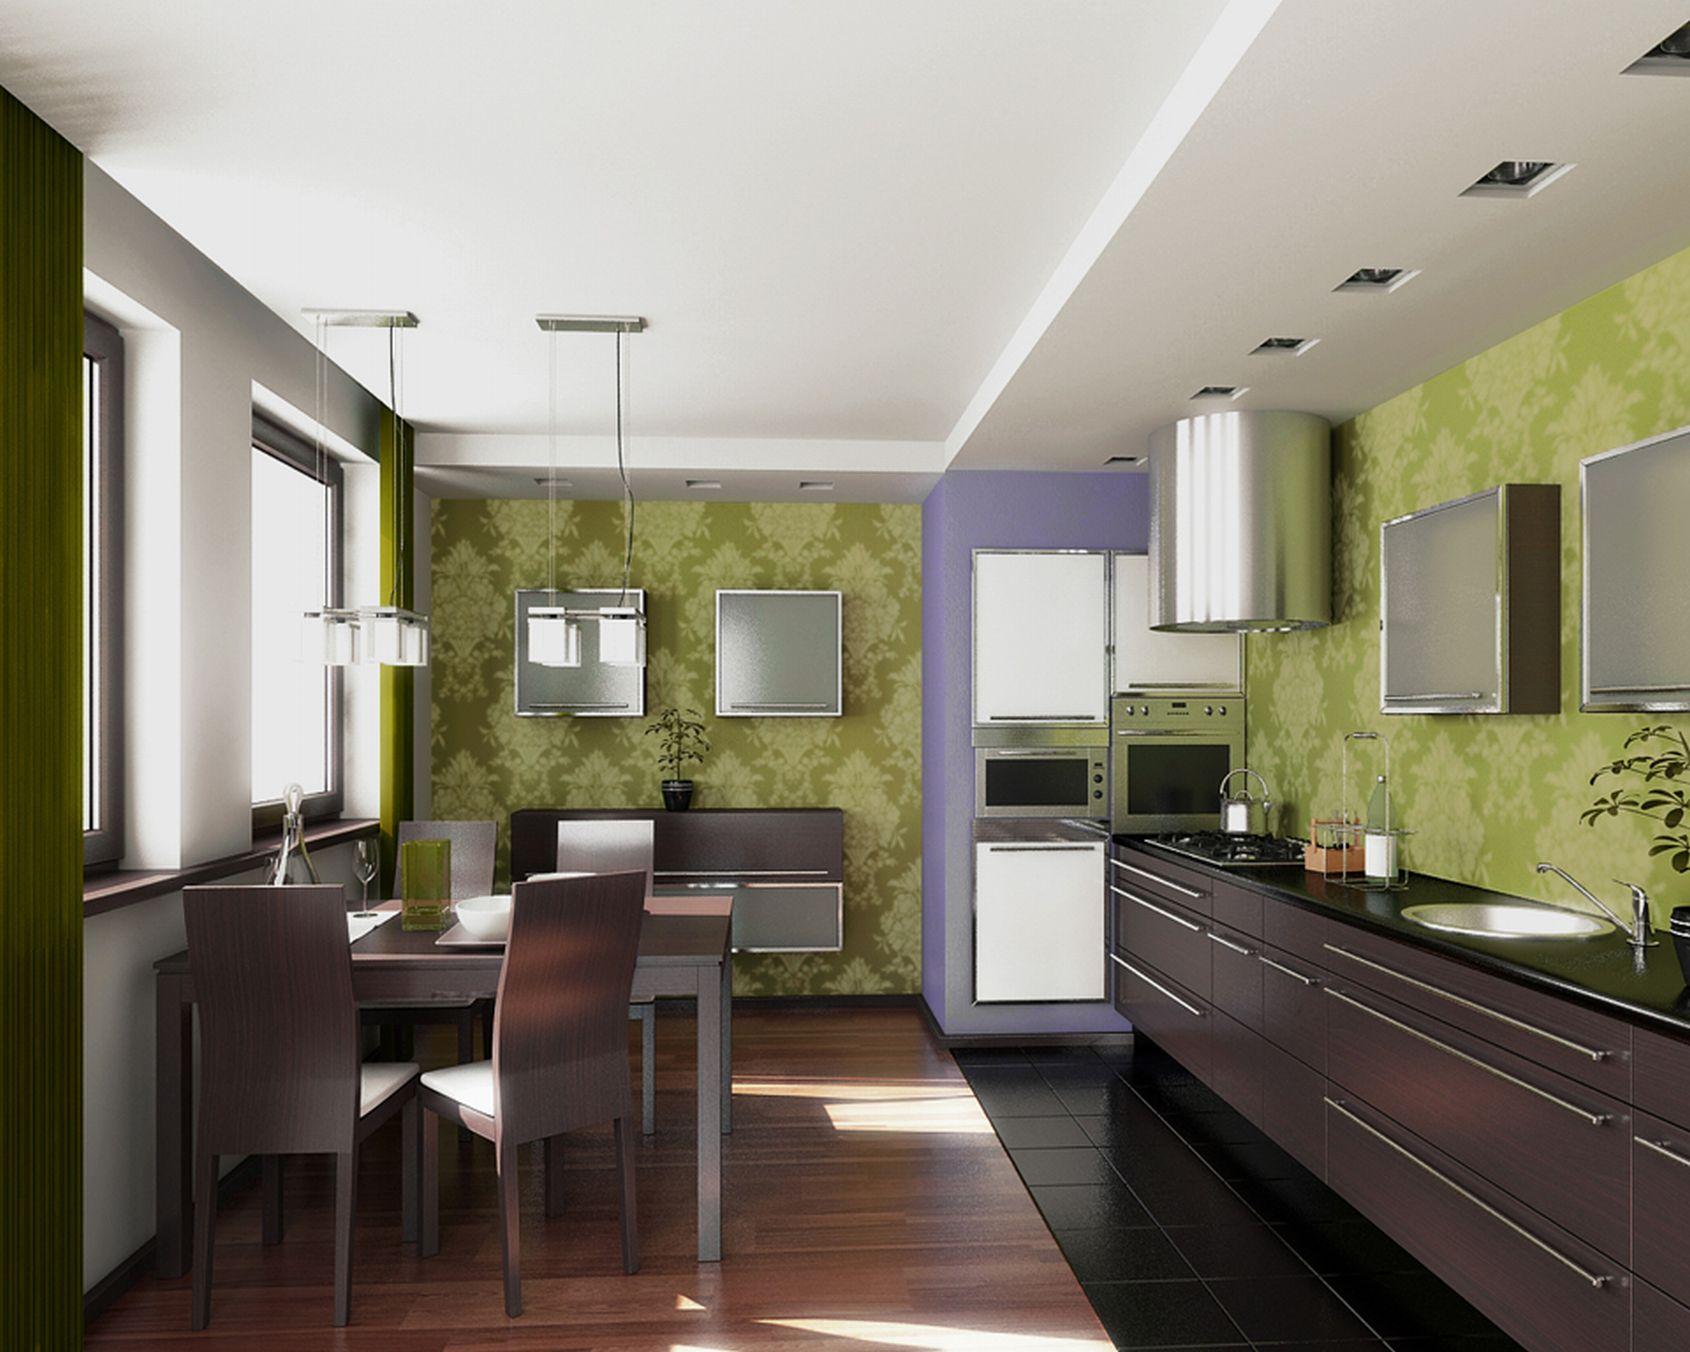 Венге, зеленый и белый цвета в интерьере кухни